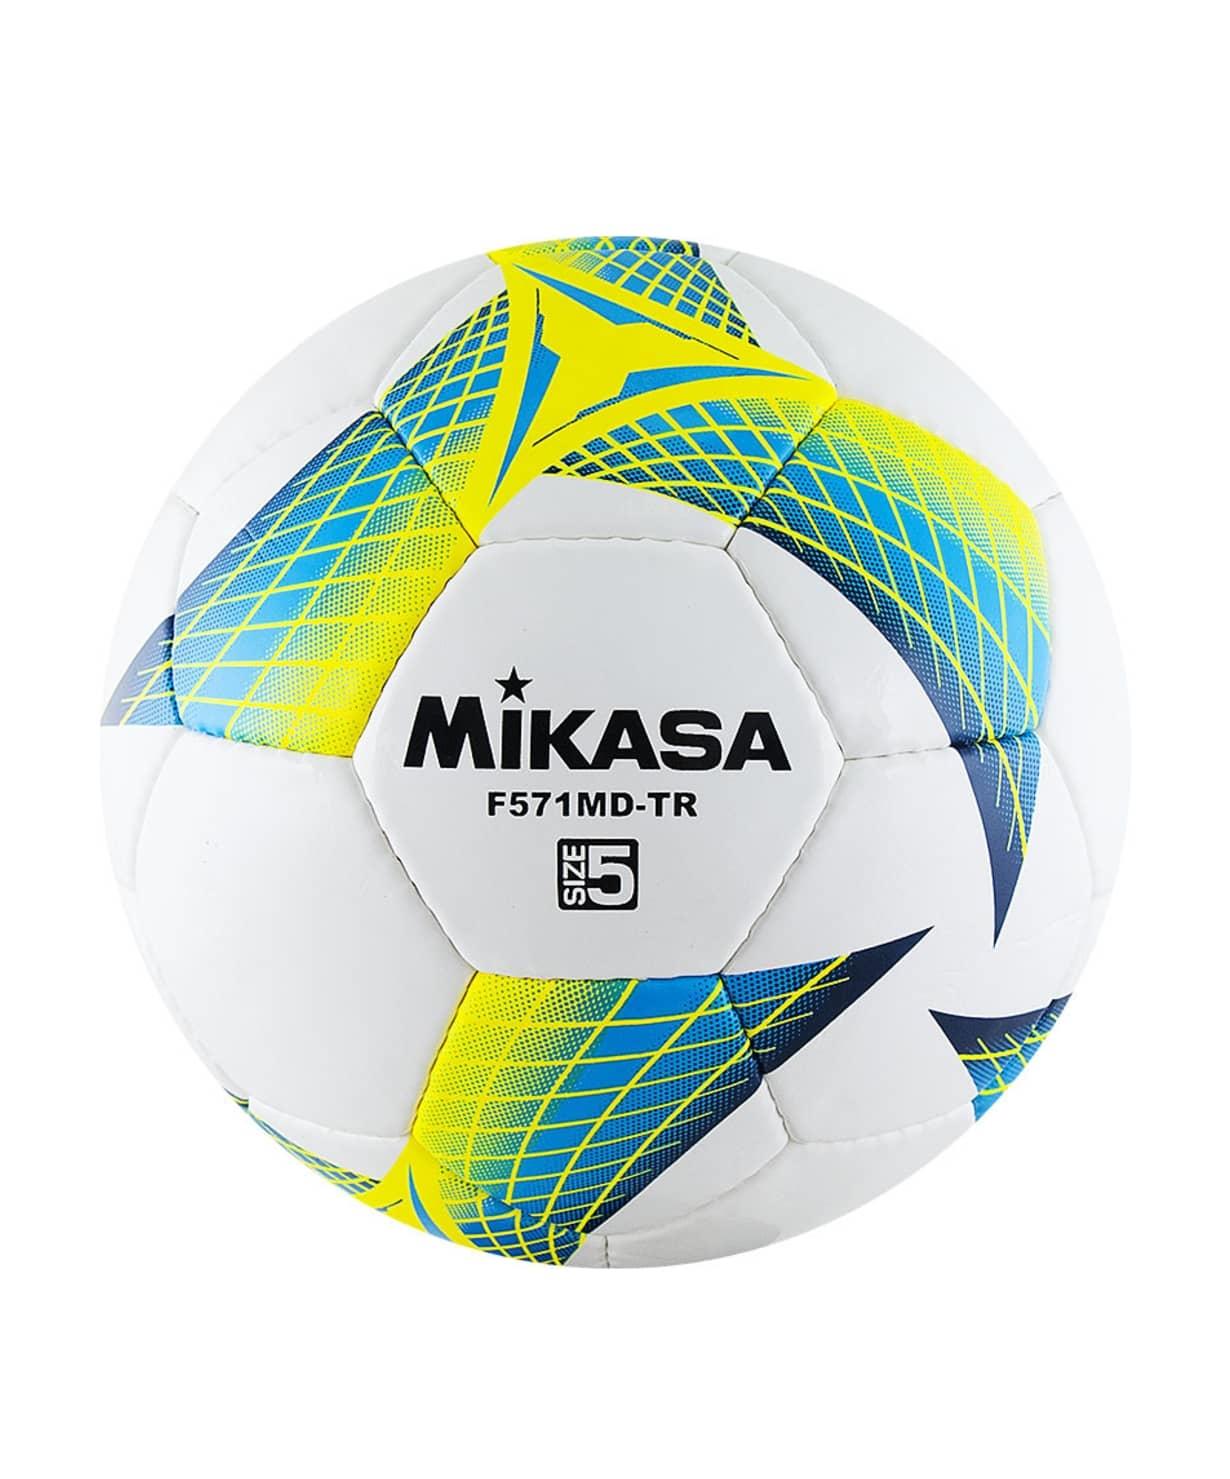 Мяч футбольный F571MD-TR-B №5